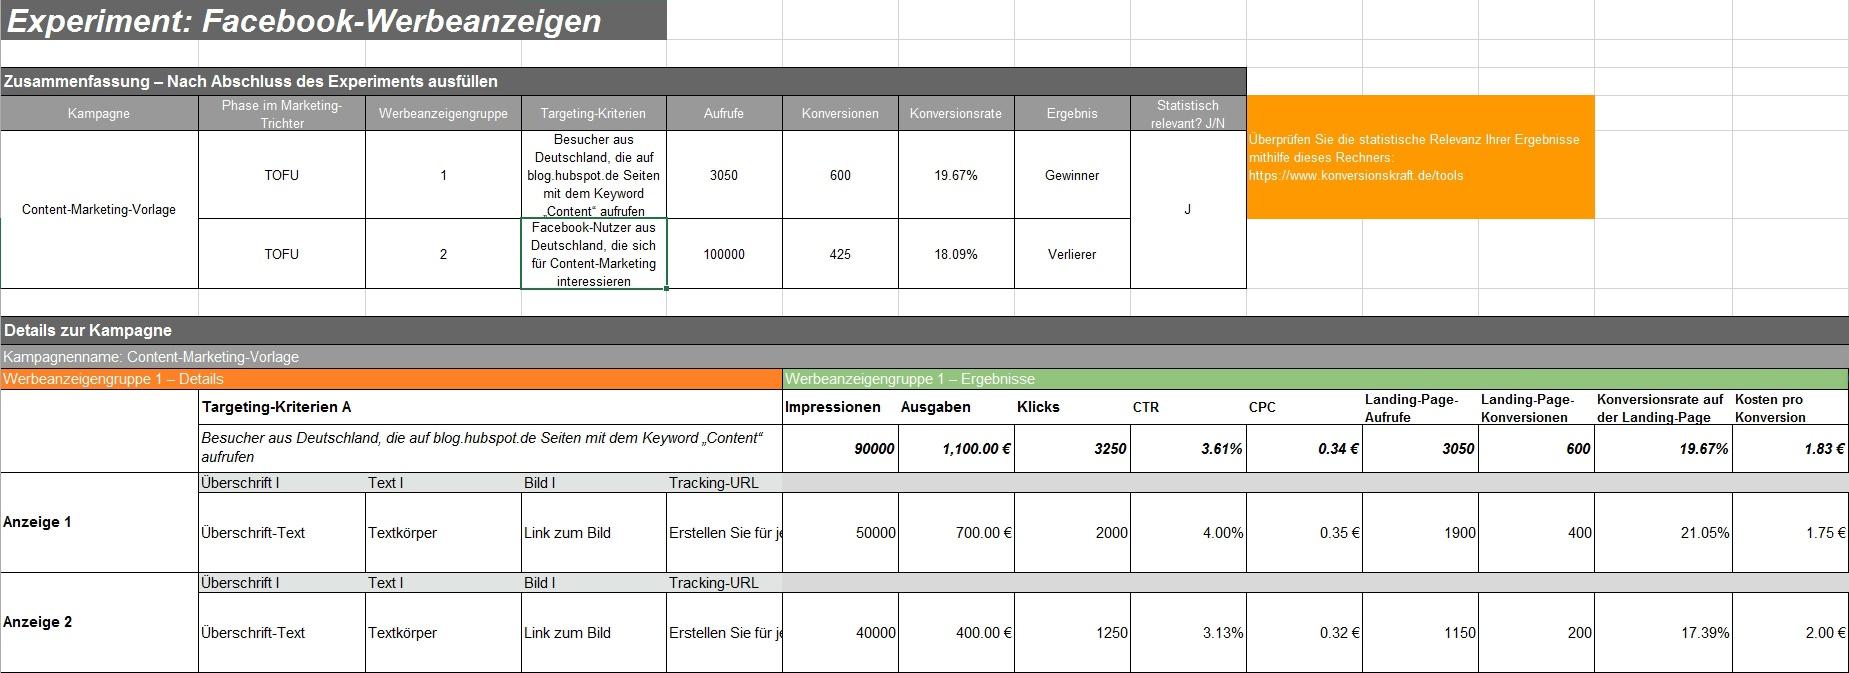 HubSpot - Marketingexperiment-Vorlagen - Beispielbild 4